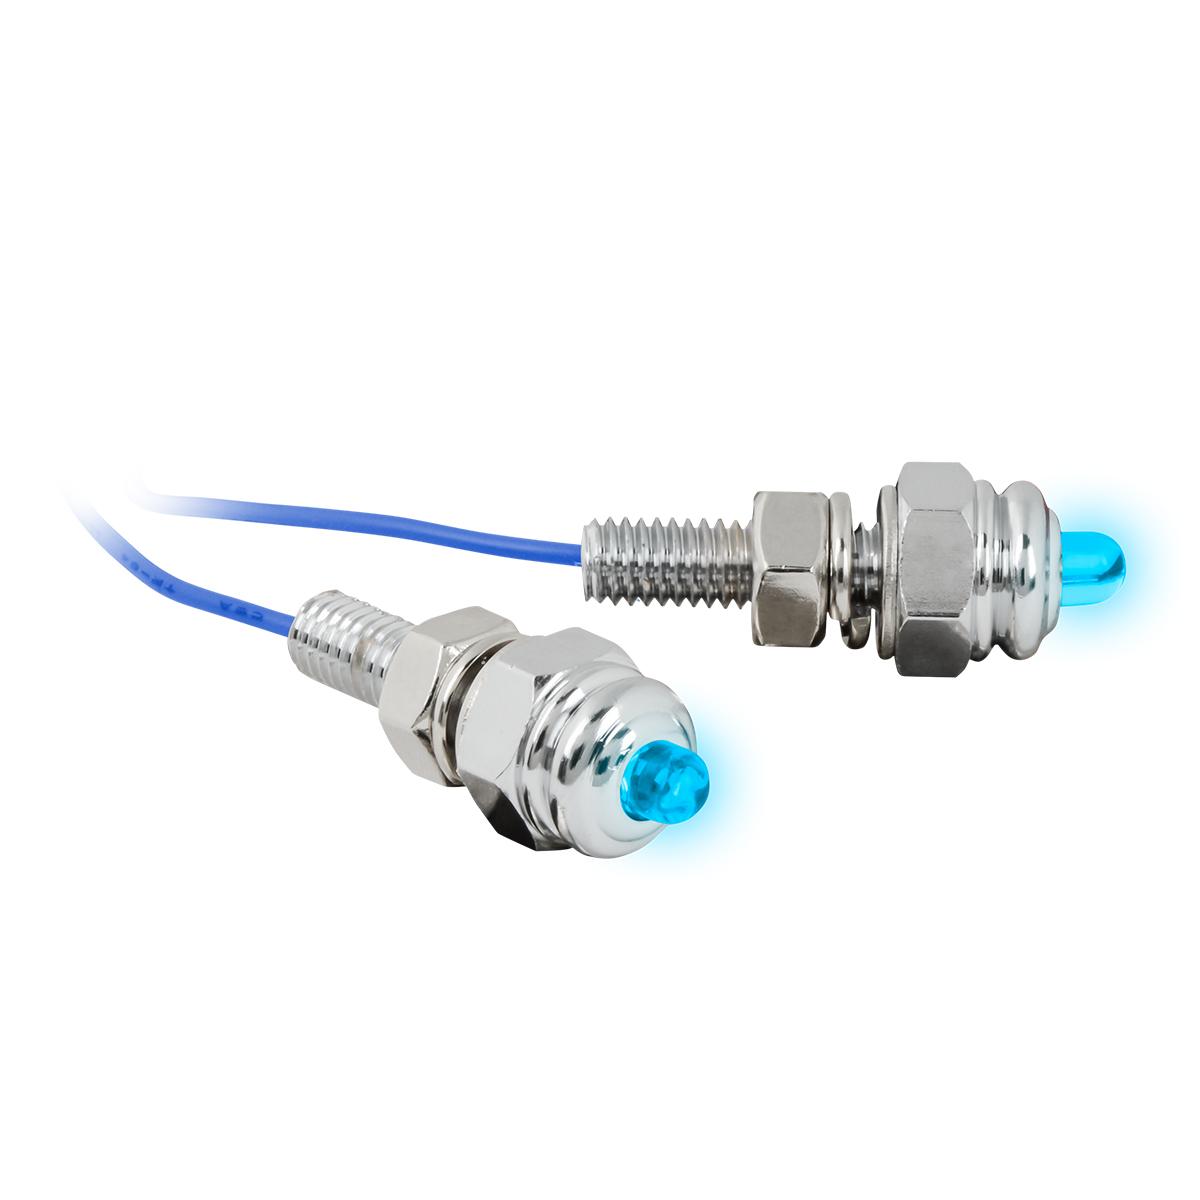 50891 Blue Screw LED Light